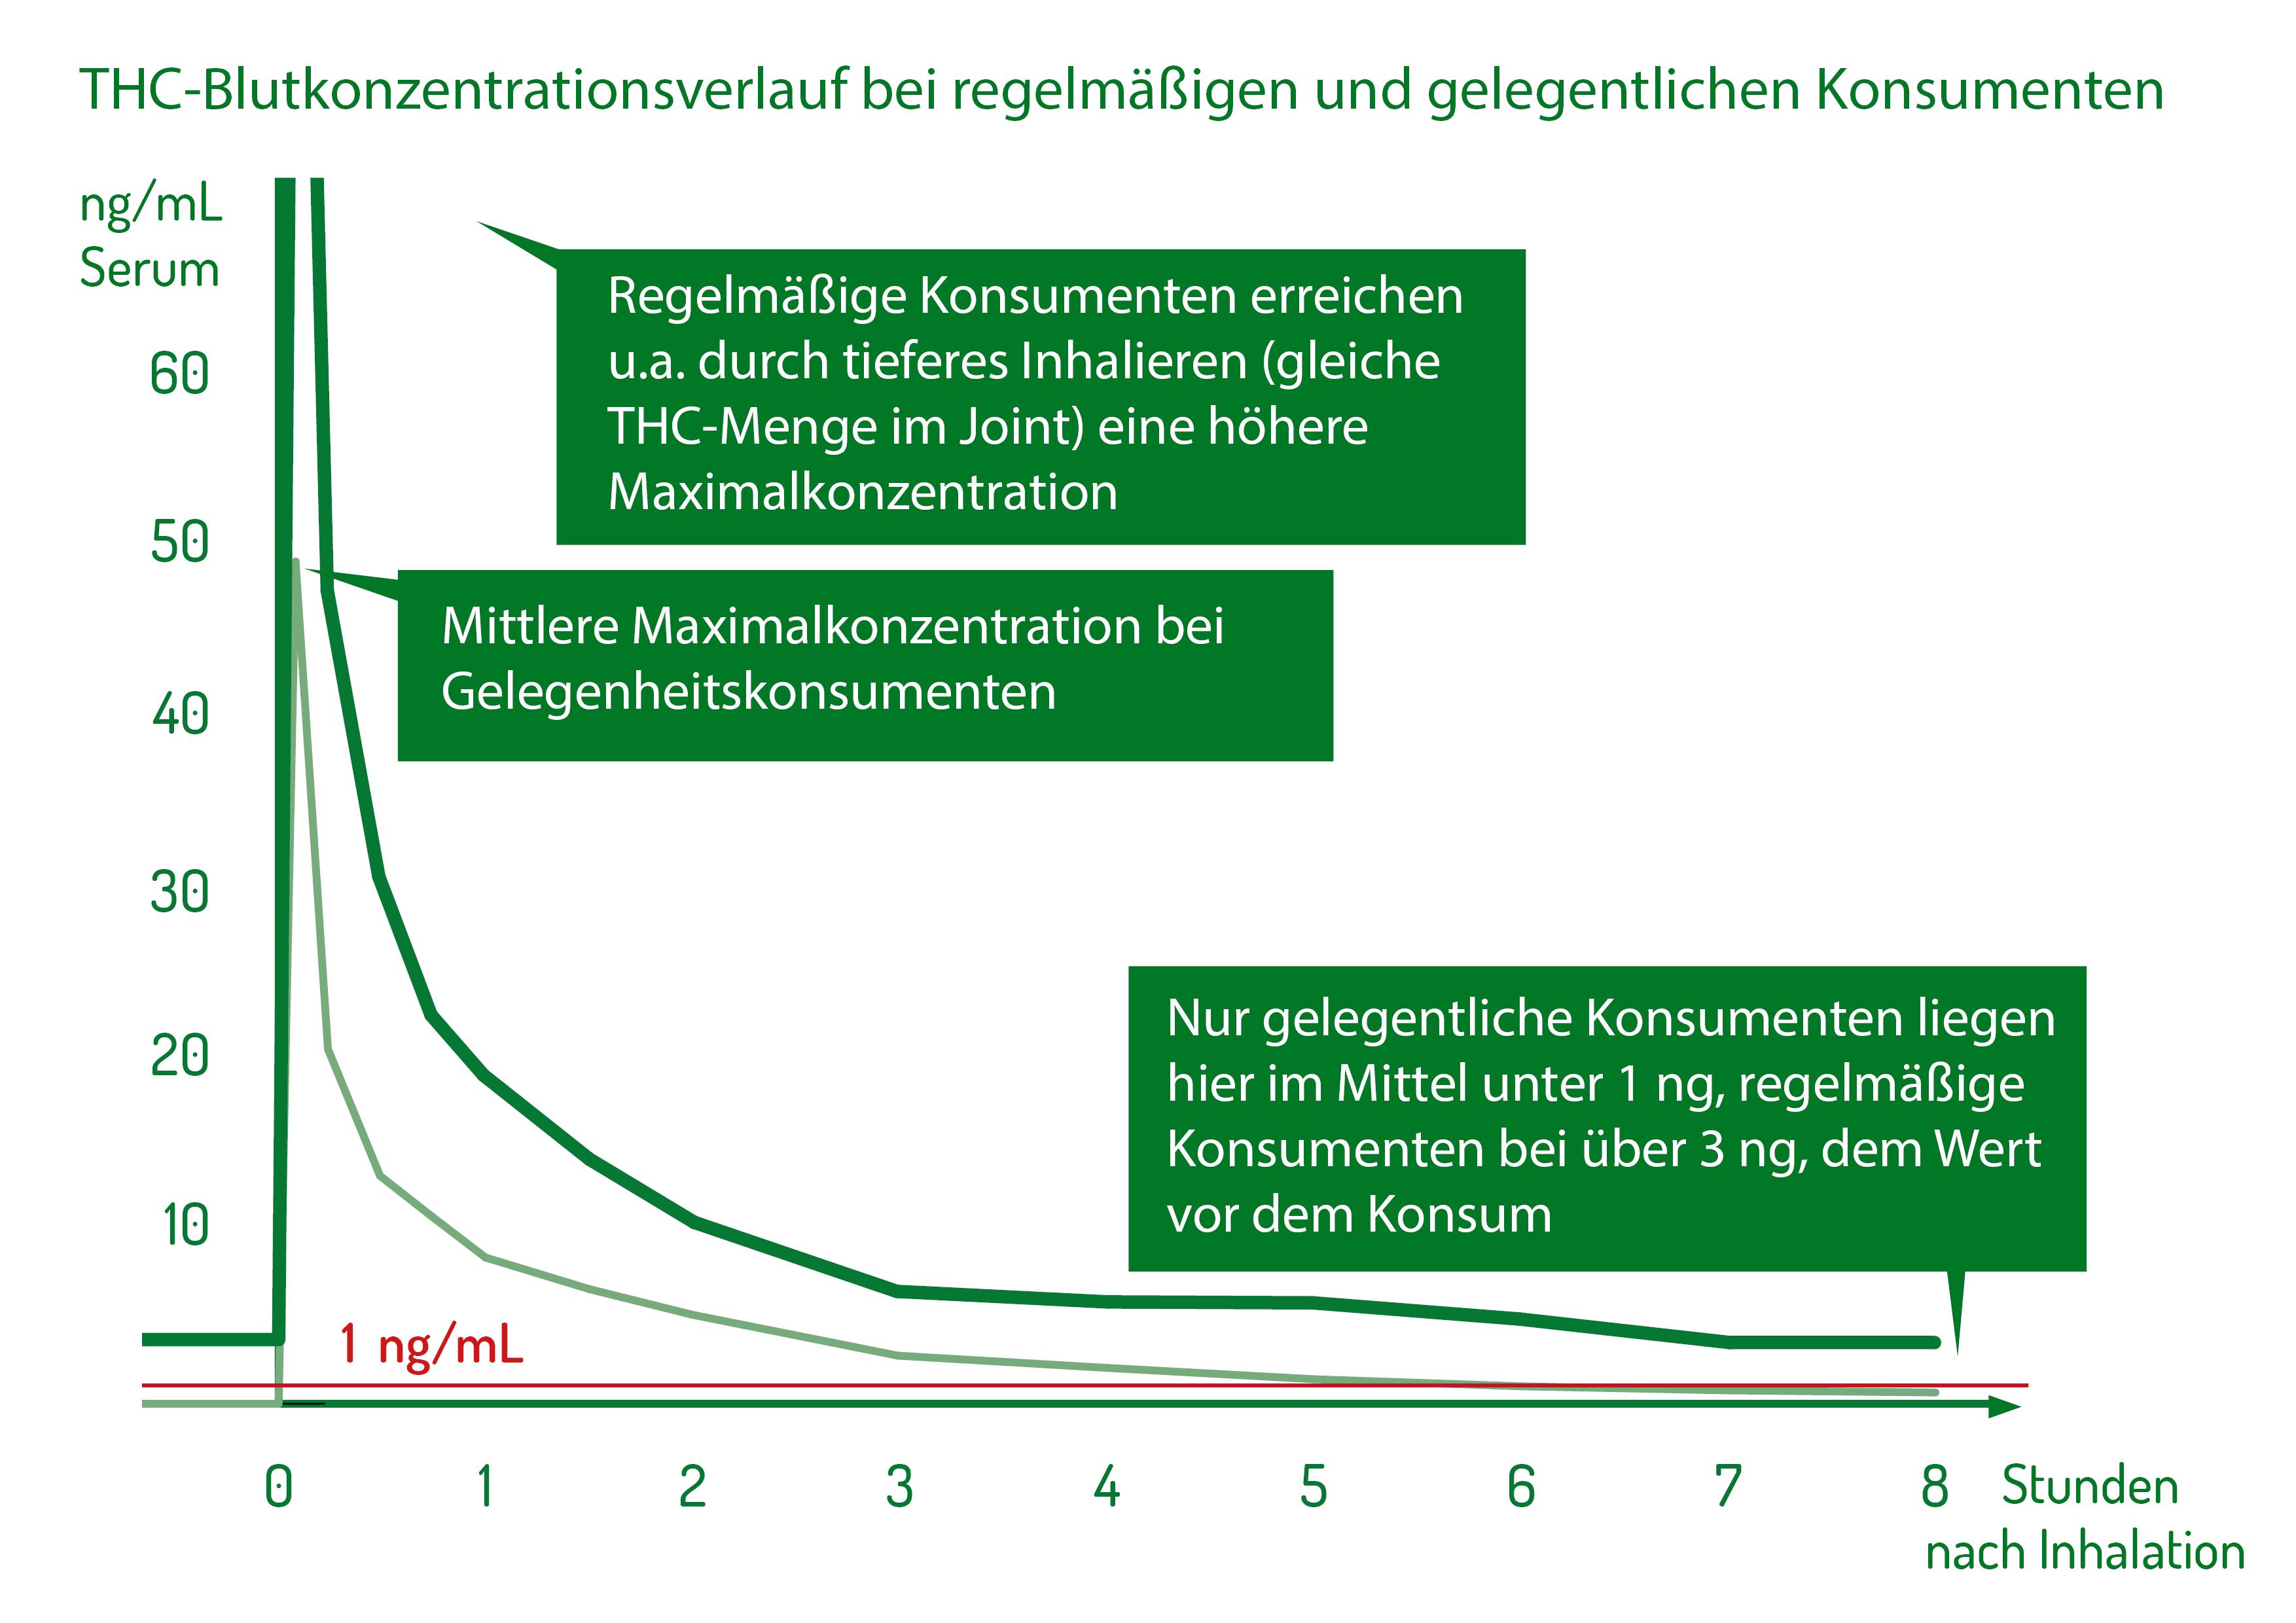 THC Blutkonzentration Verlauf